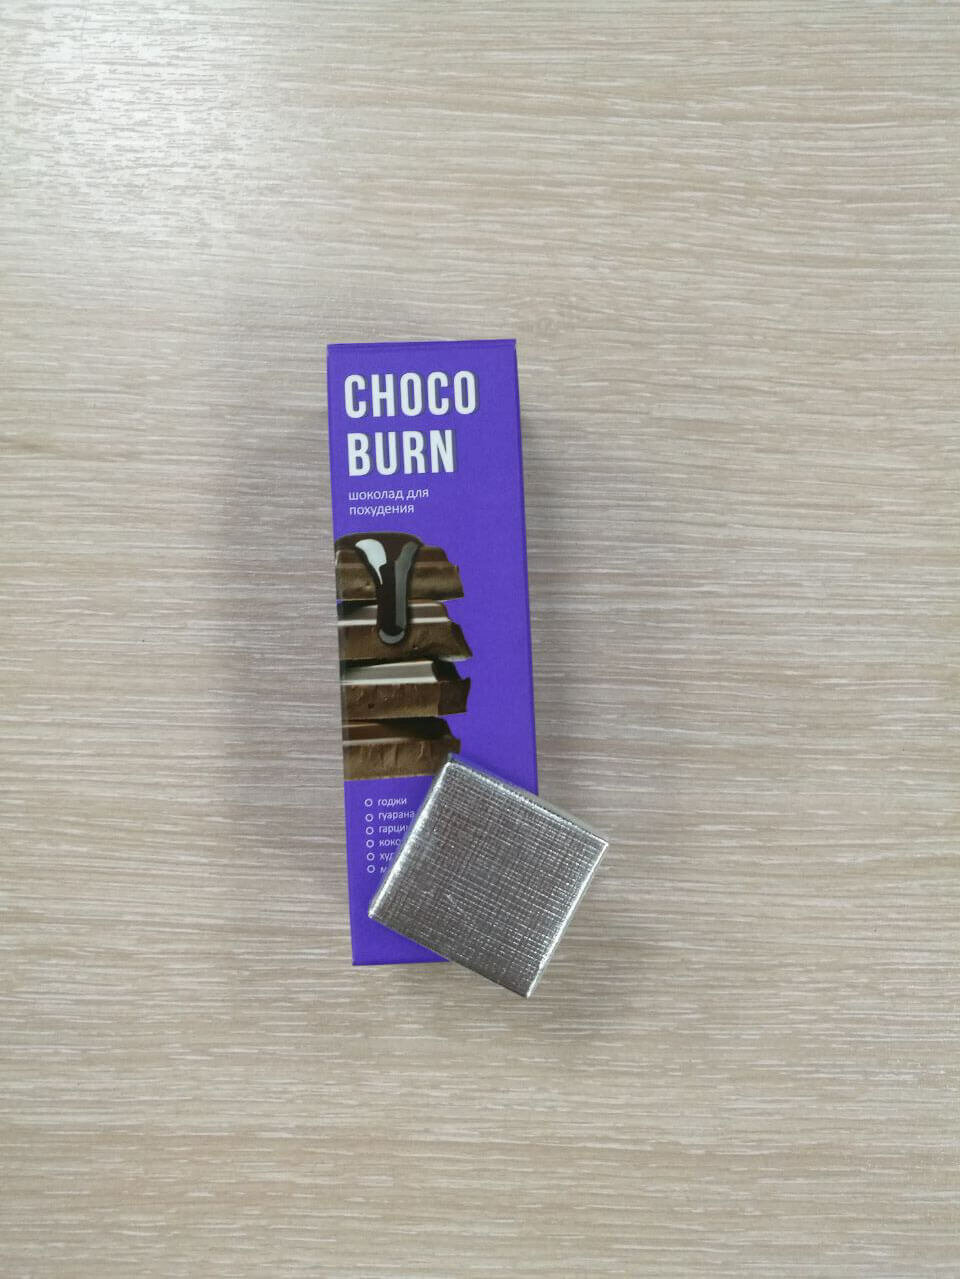 ChocoBurn - шоколад для похудения в Королёве